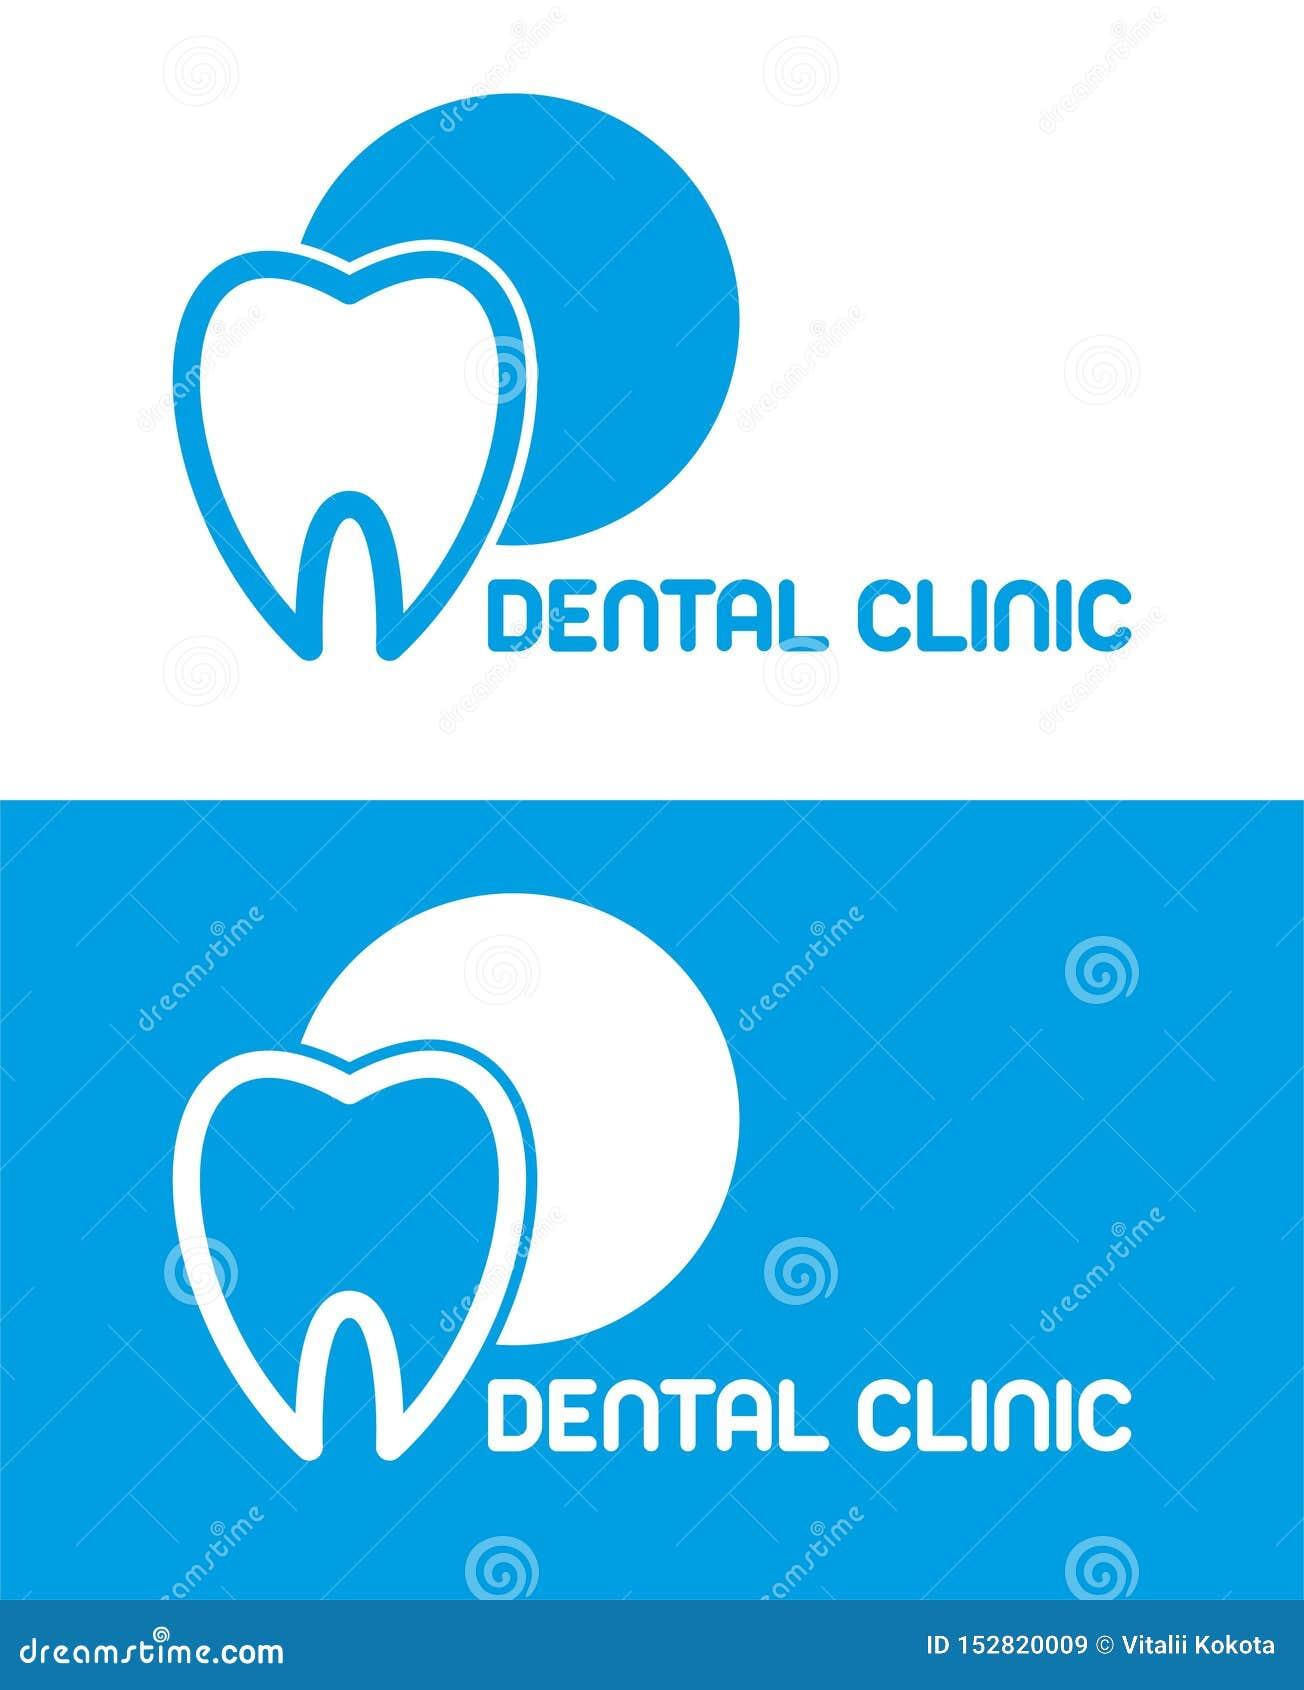 ΟΔΟΝΤΙΚΟ ΛΟΓΟΤΥΠΟ ΚΛΙΝΙΚΩΝ διάνυσμα ζουλιγμάτων μπλε λογότυπο γραμμή δοντιών σύμβολο οδοντιάτρων